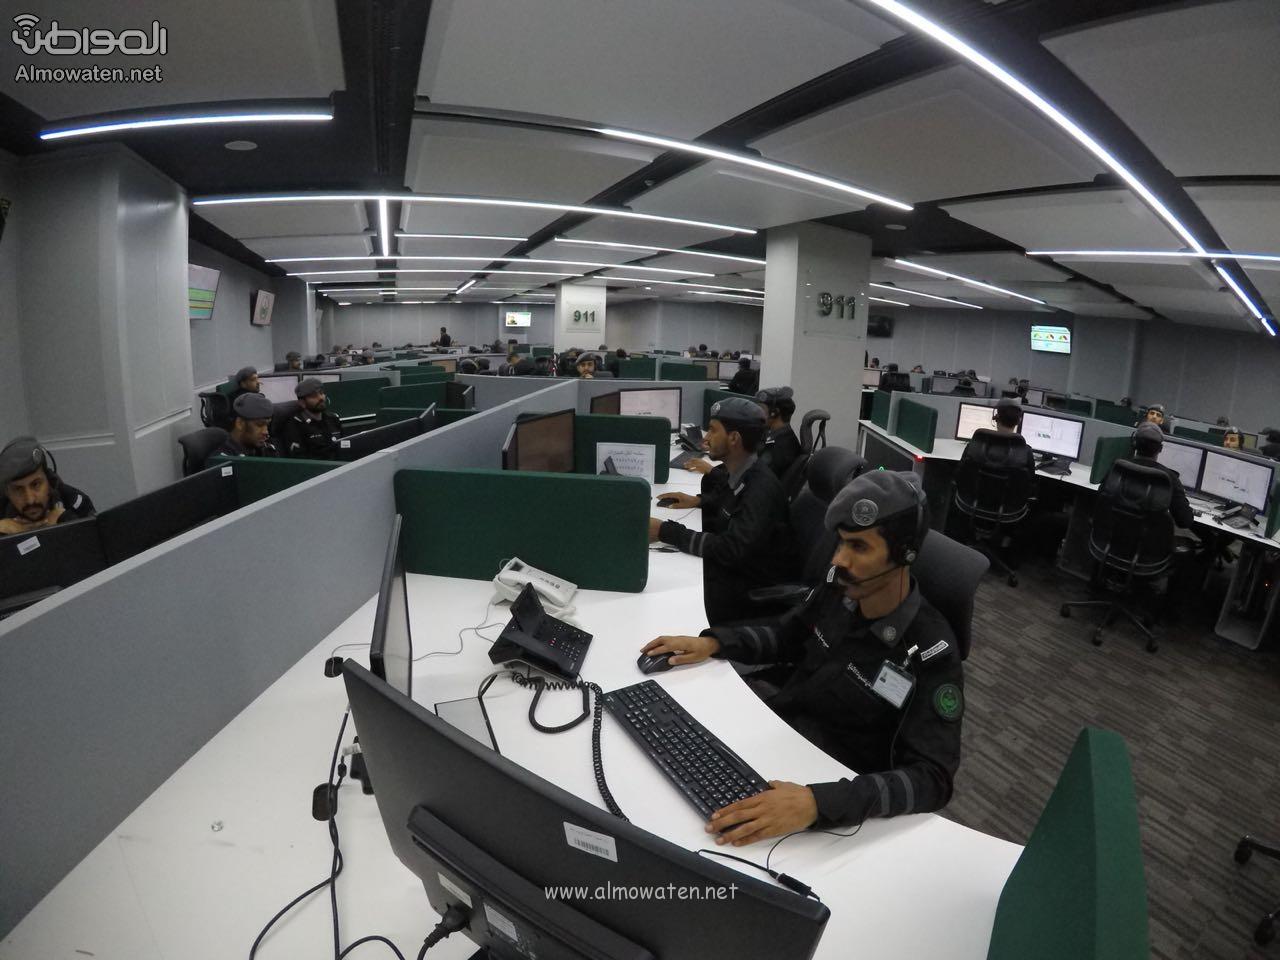 مركز العمليات الأمنية 911 20